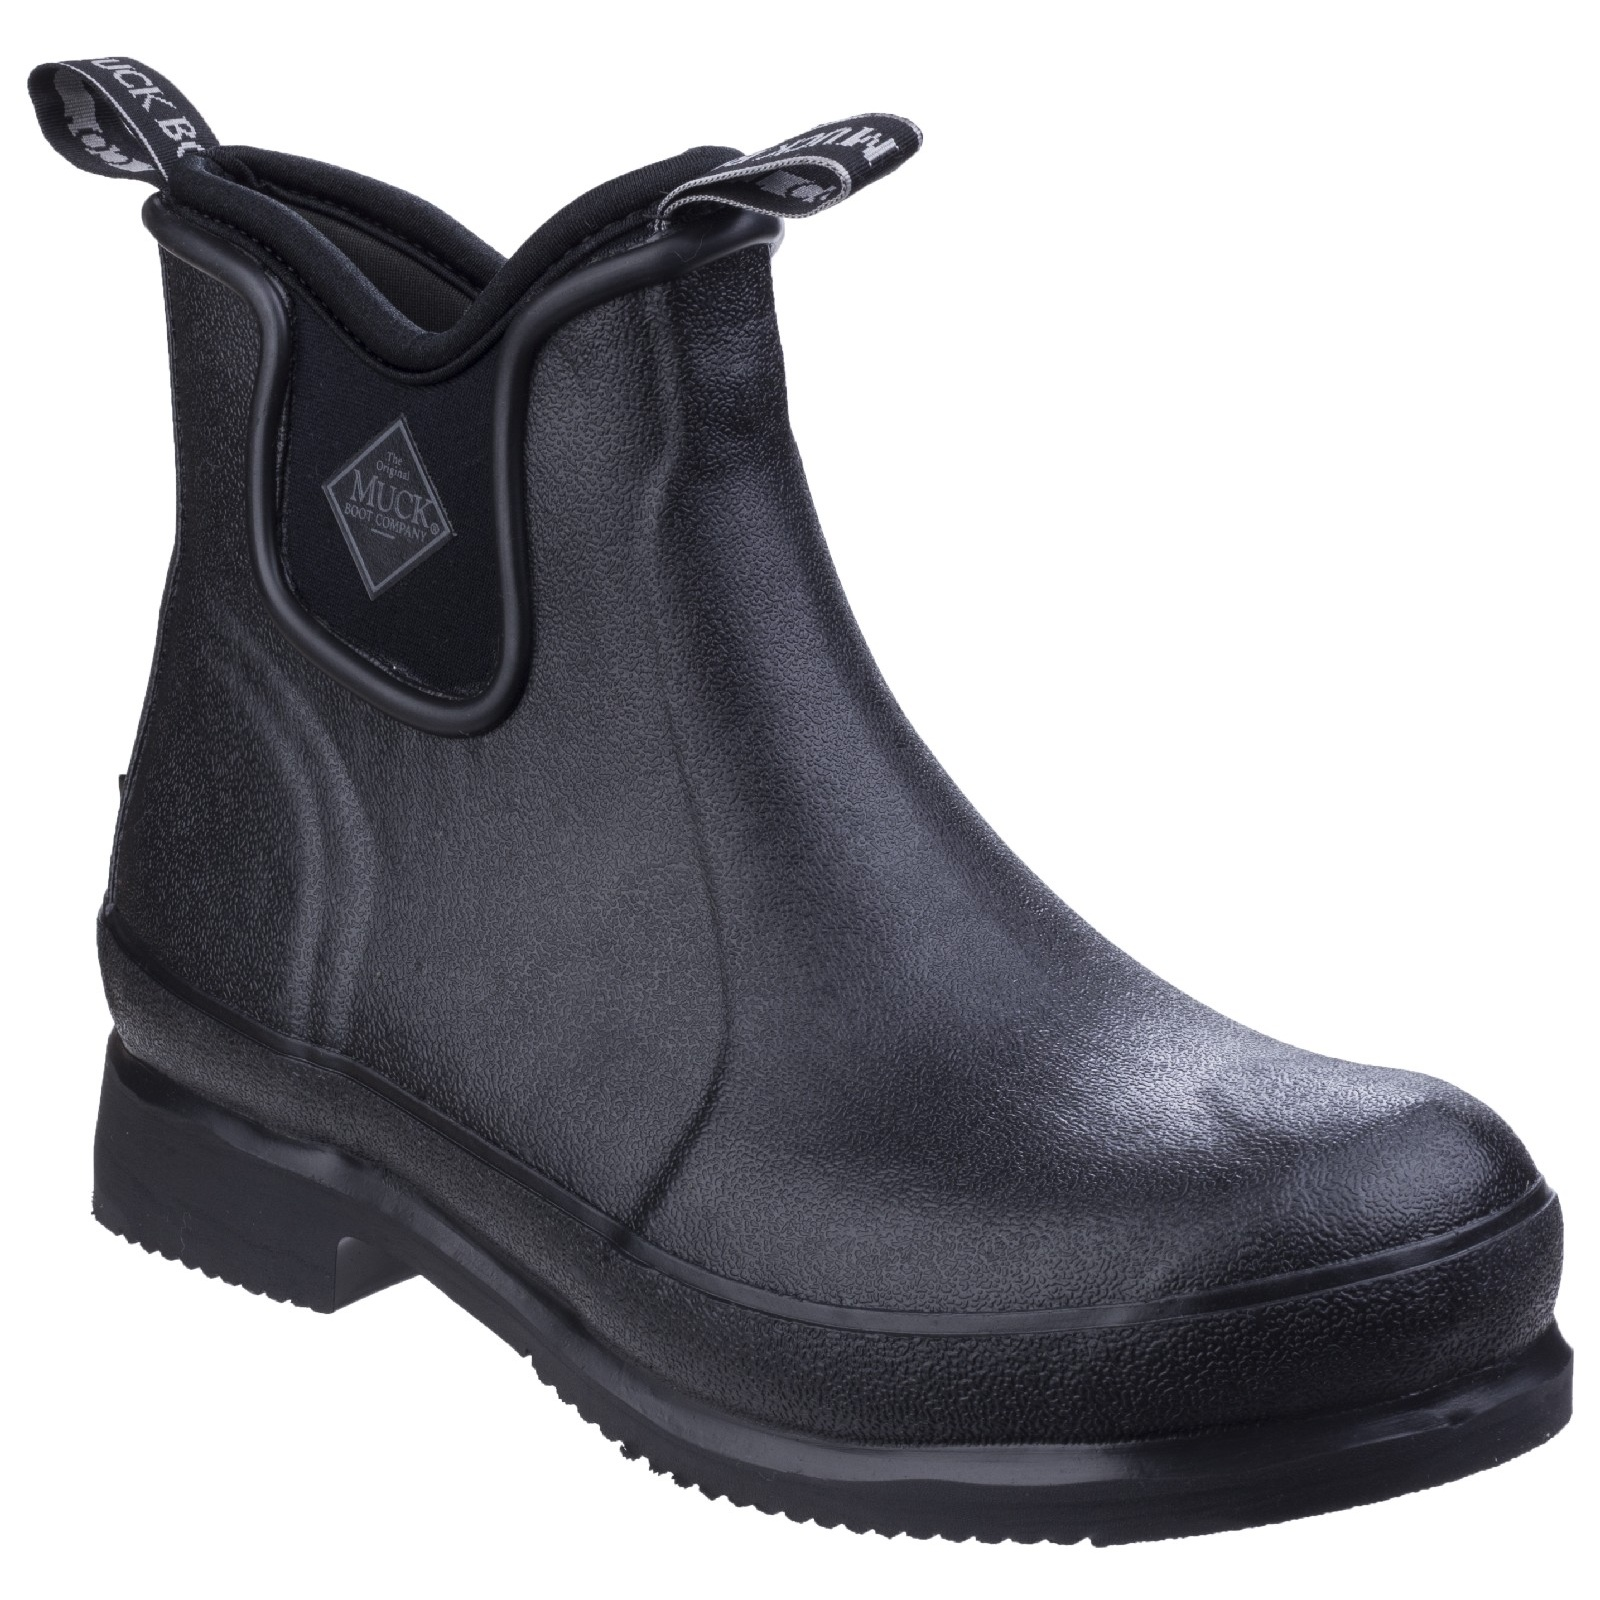 Muck Boots Adulte - Bottines - Adulte Boots mixte (FS4313) d631ec